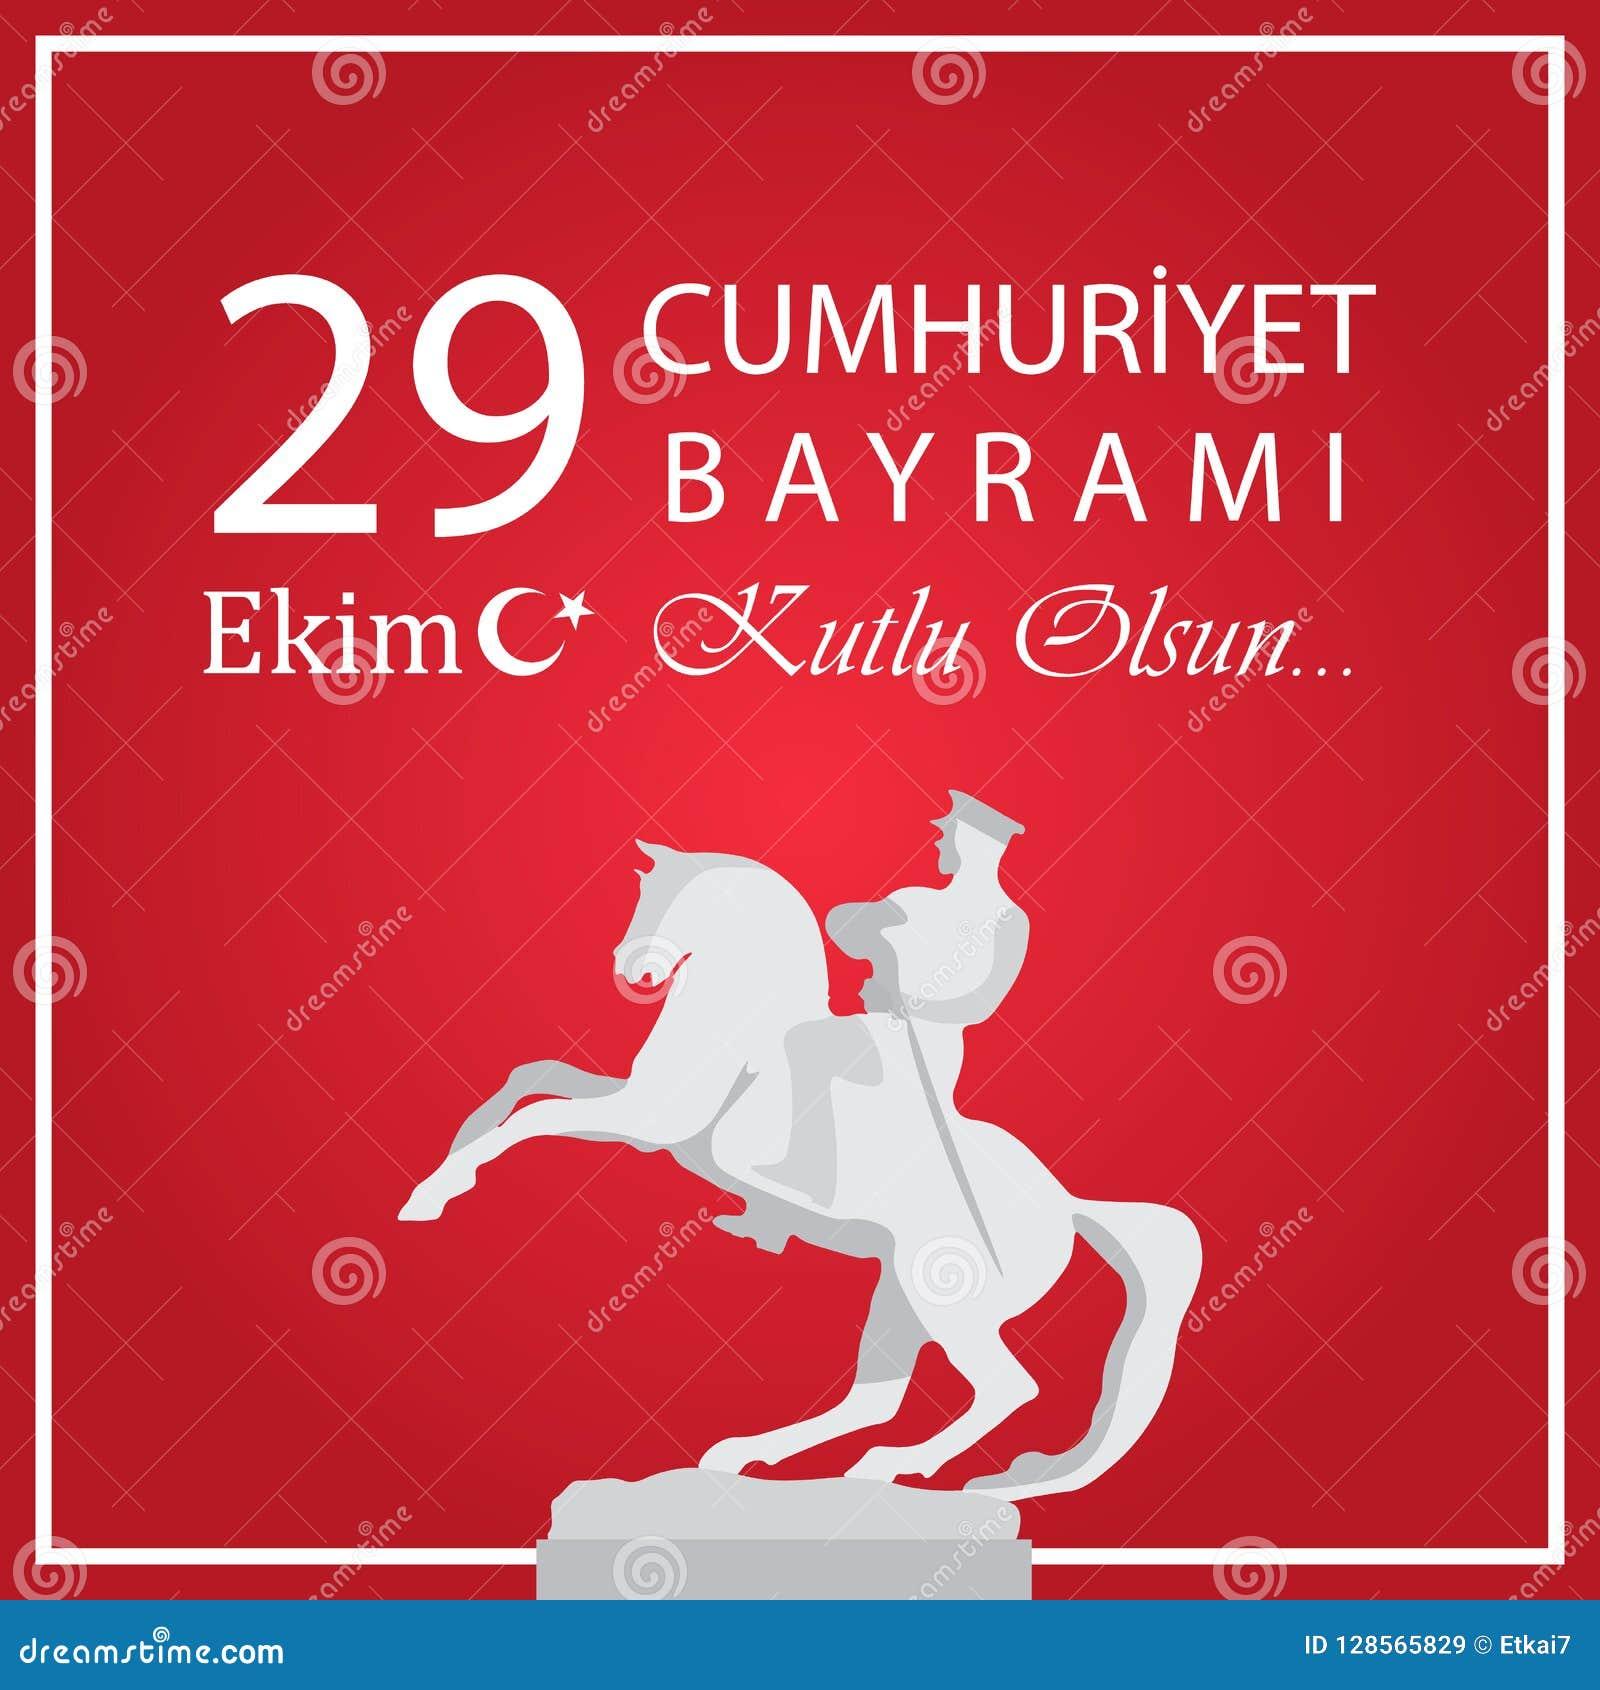 29 Ekim Cumhuriyet Bayrami  Turkish Meaning:October 29